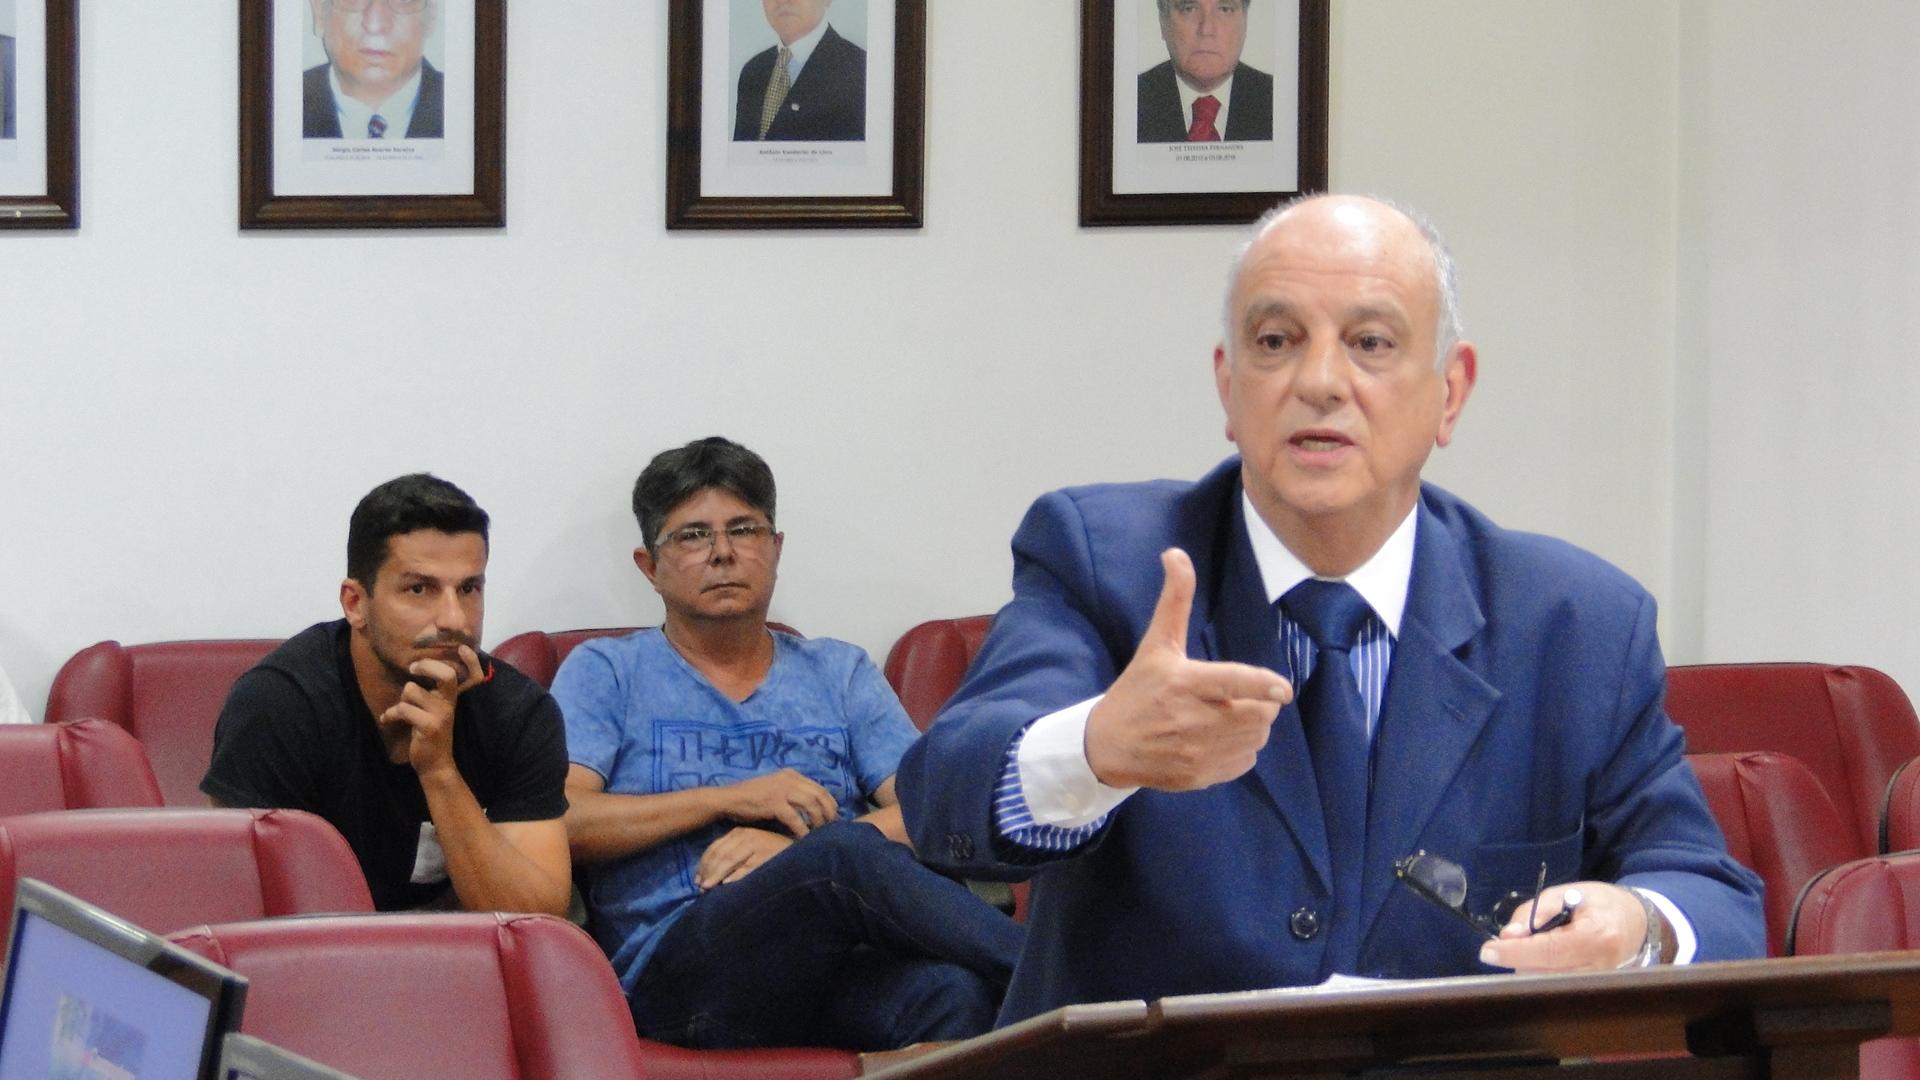 Presidente do Sampaio Corrêa é suspenso em 30 dias como jogador